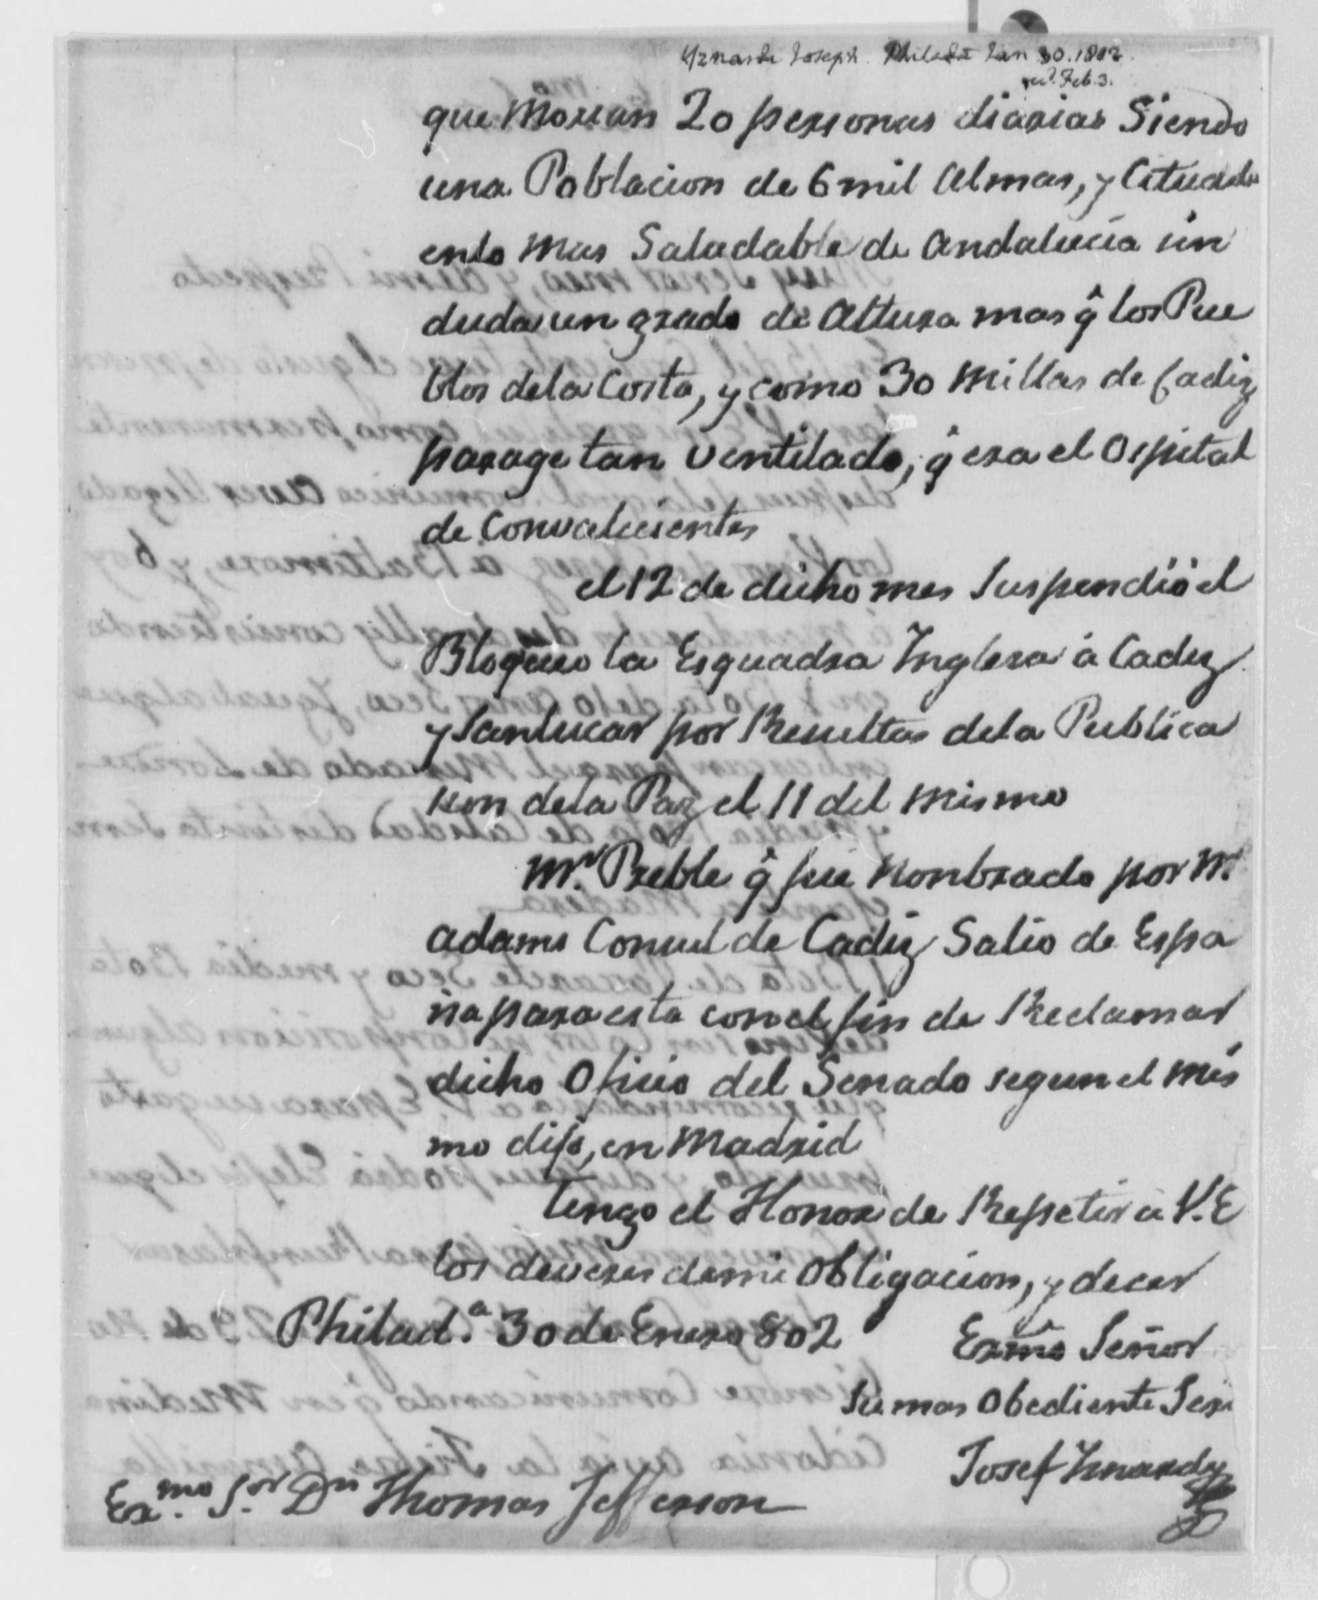 Josef Yznardi to Thomas Jefferson, January 30, 1802, in Spanish